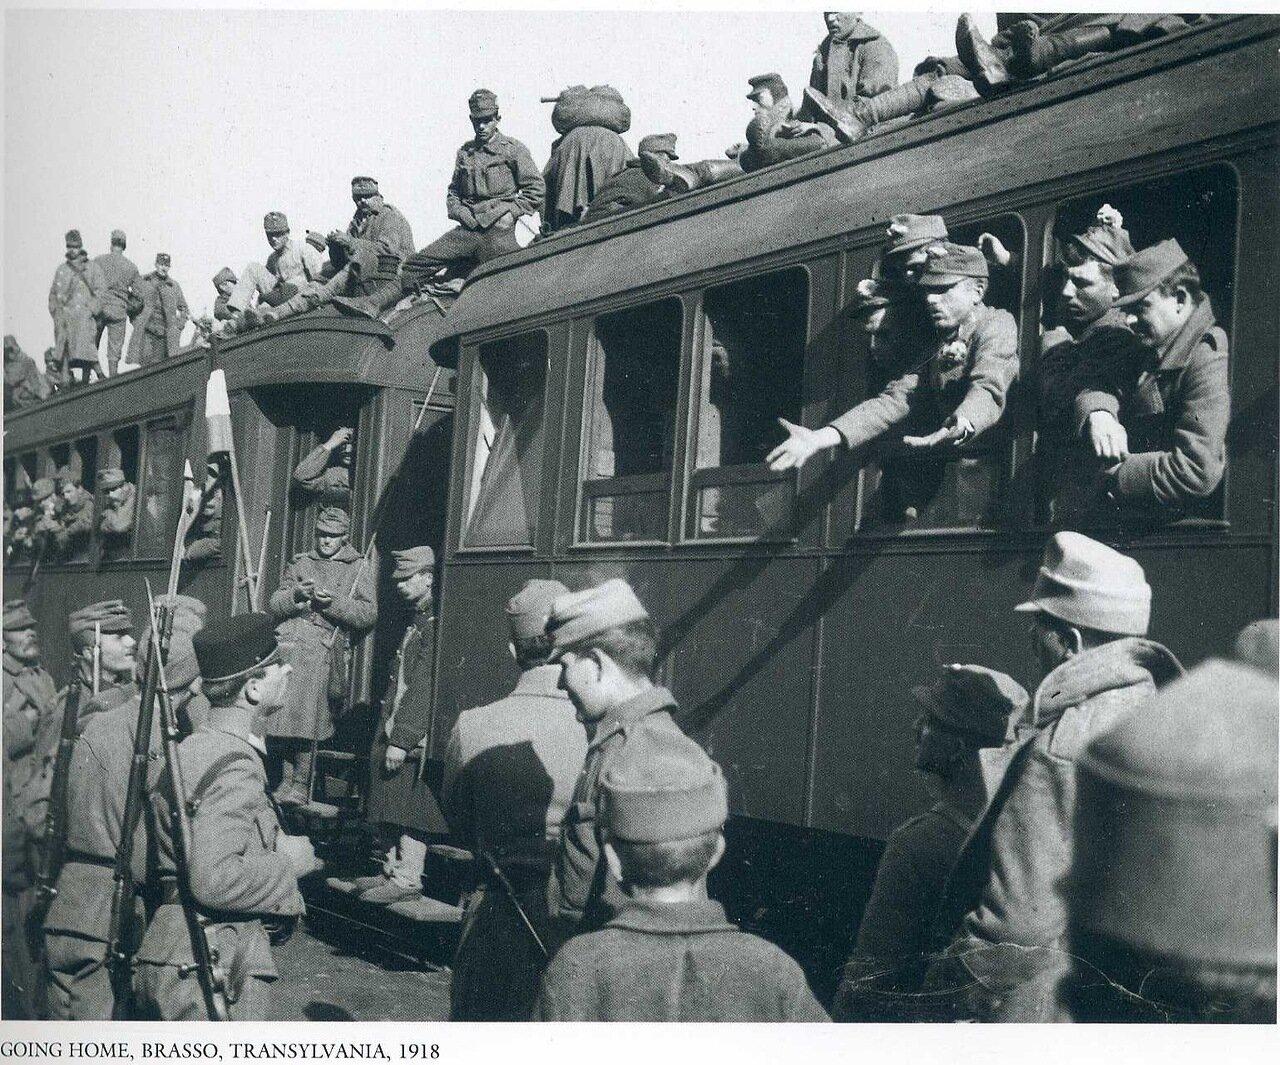 Возвращение домой. Брассо, Трансильвания. 1918